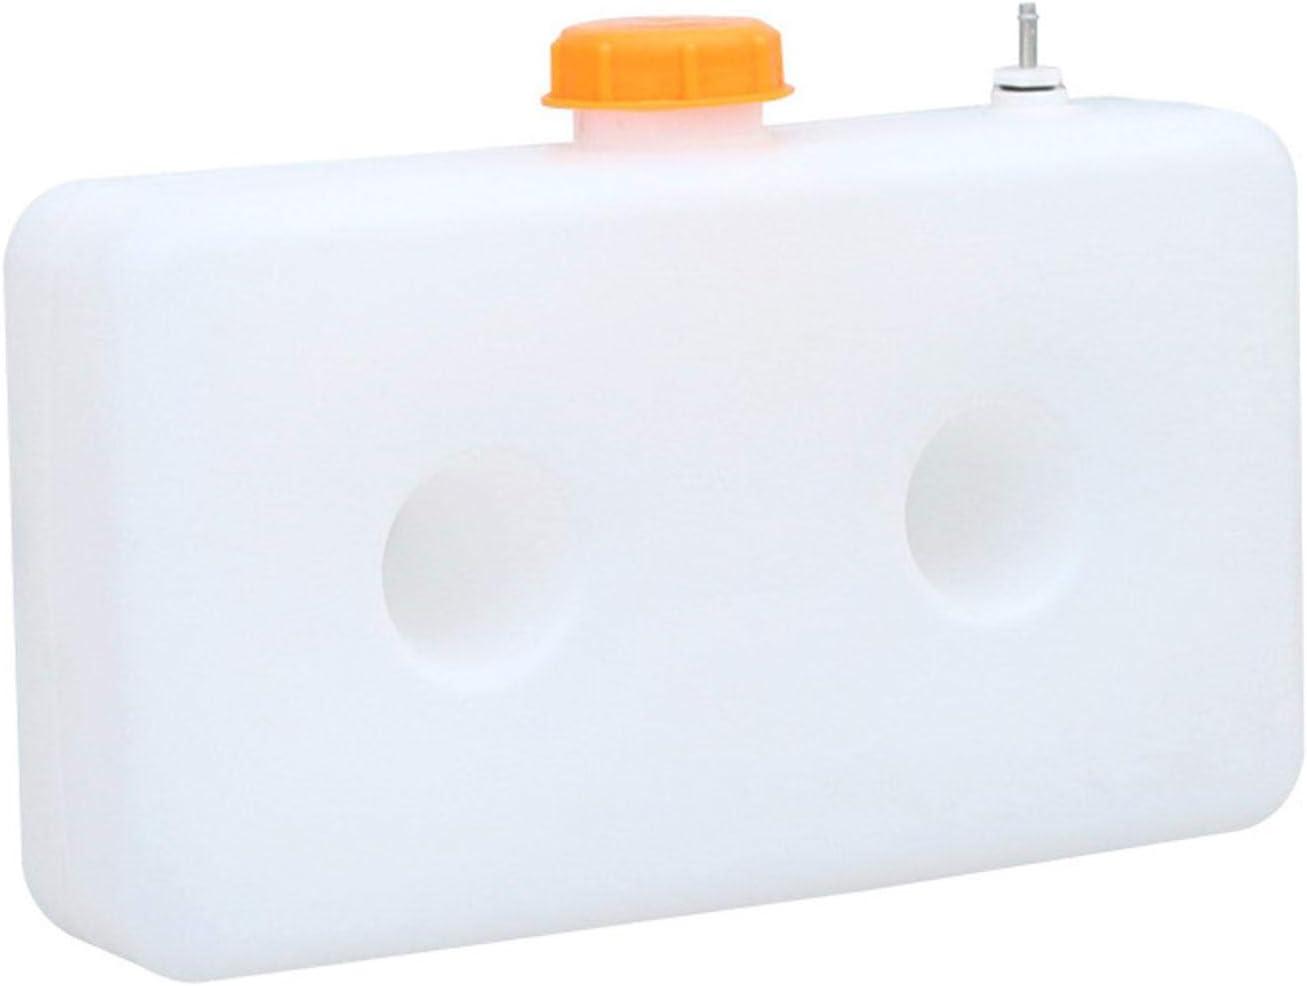 Luckything 7l Kunststoff Heizöl Benzin Tank Für Auto Lkw Luft Diesel Standheizung 7l Fassungsvermögen Weiß Kunststoff Standheizung Kraftstofftank Für Boot Auto Lkw Parkheizung Zubehör Auto